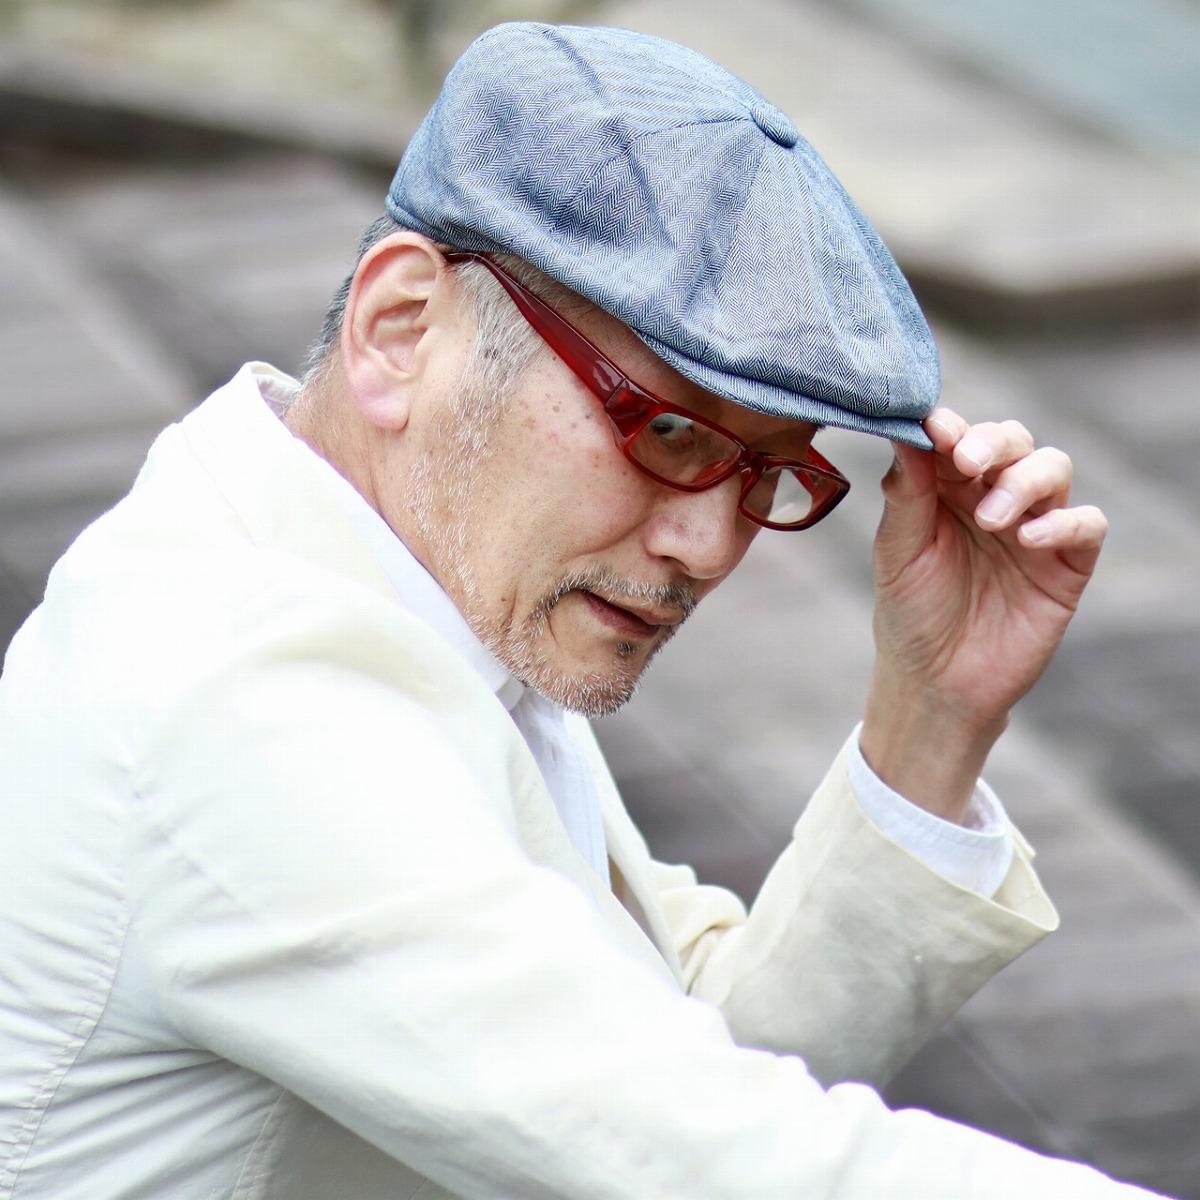 ヘリンボーン 8方ハンチング 春 夏 CHRISTYS' LONDON クリスティーズ リネン コットン 帽子 Ivy cap 海外ブランド メンズ トラディショナル 青 ブルー [ ivy cap ] 父の日 ギフト 誕生日 プレゼント 贈り物 ラッピング無料